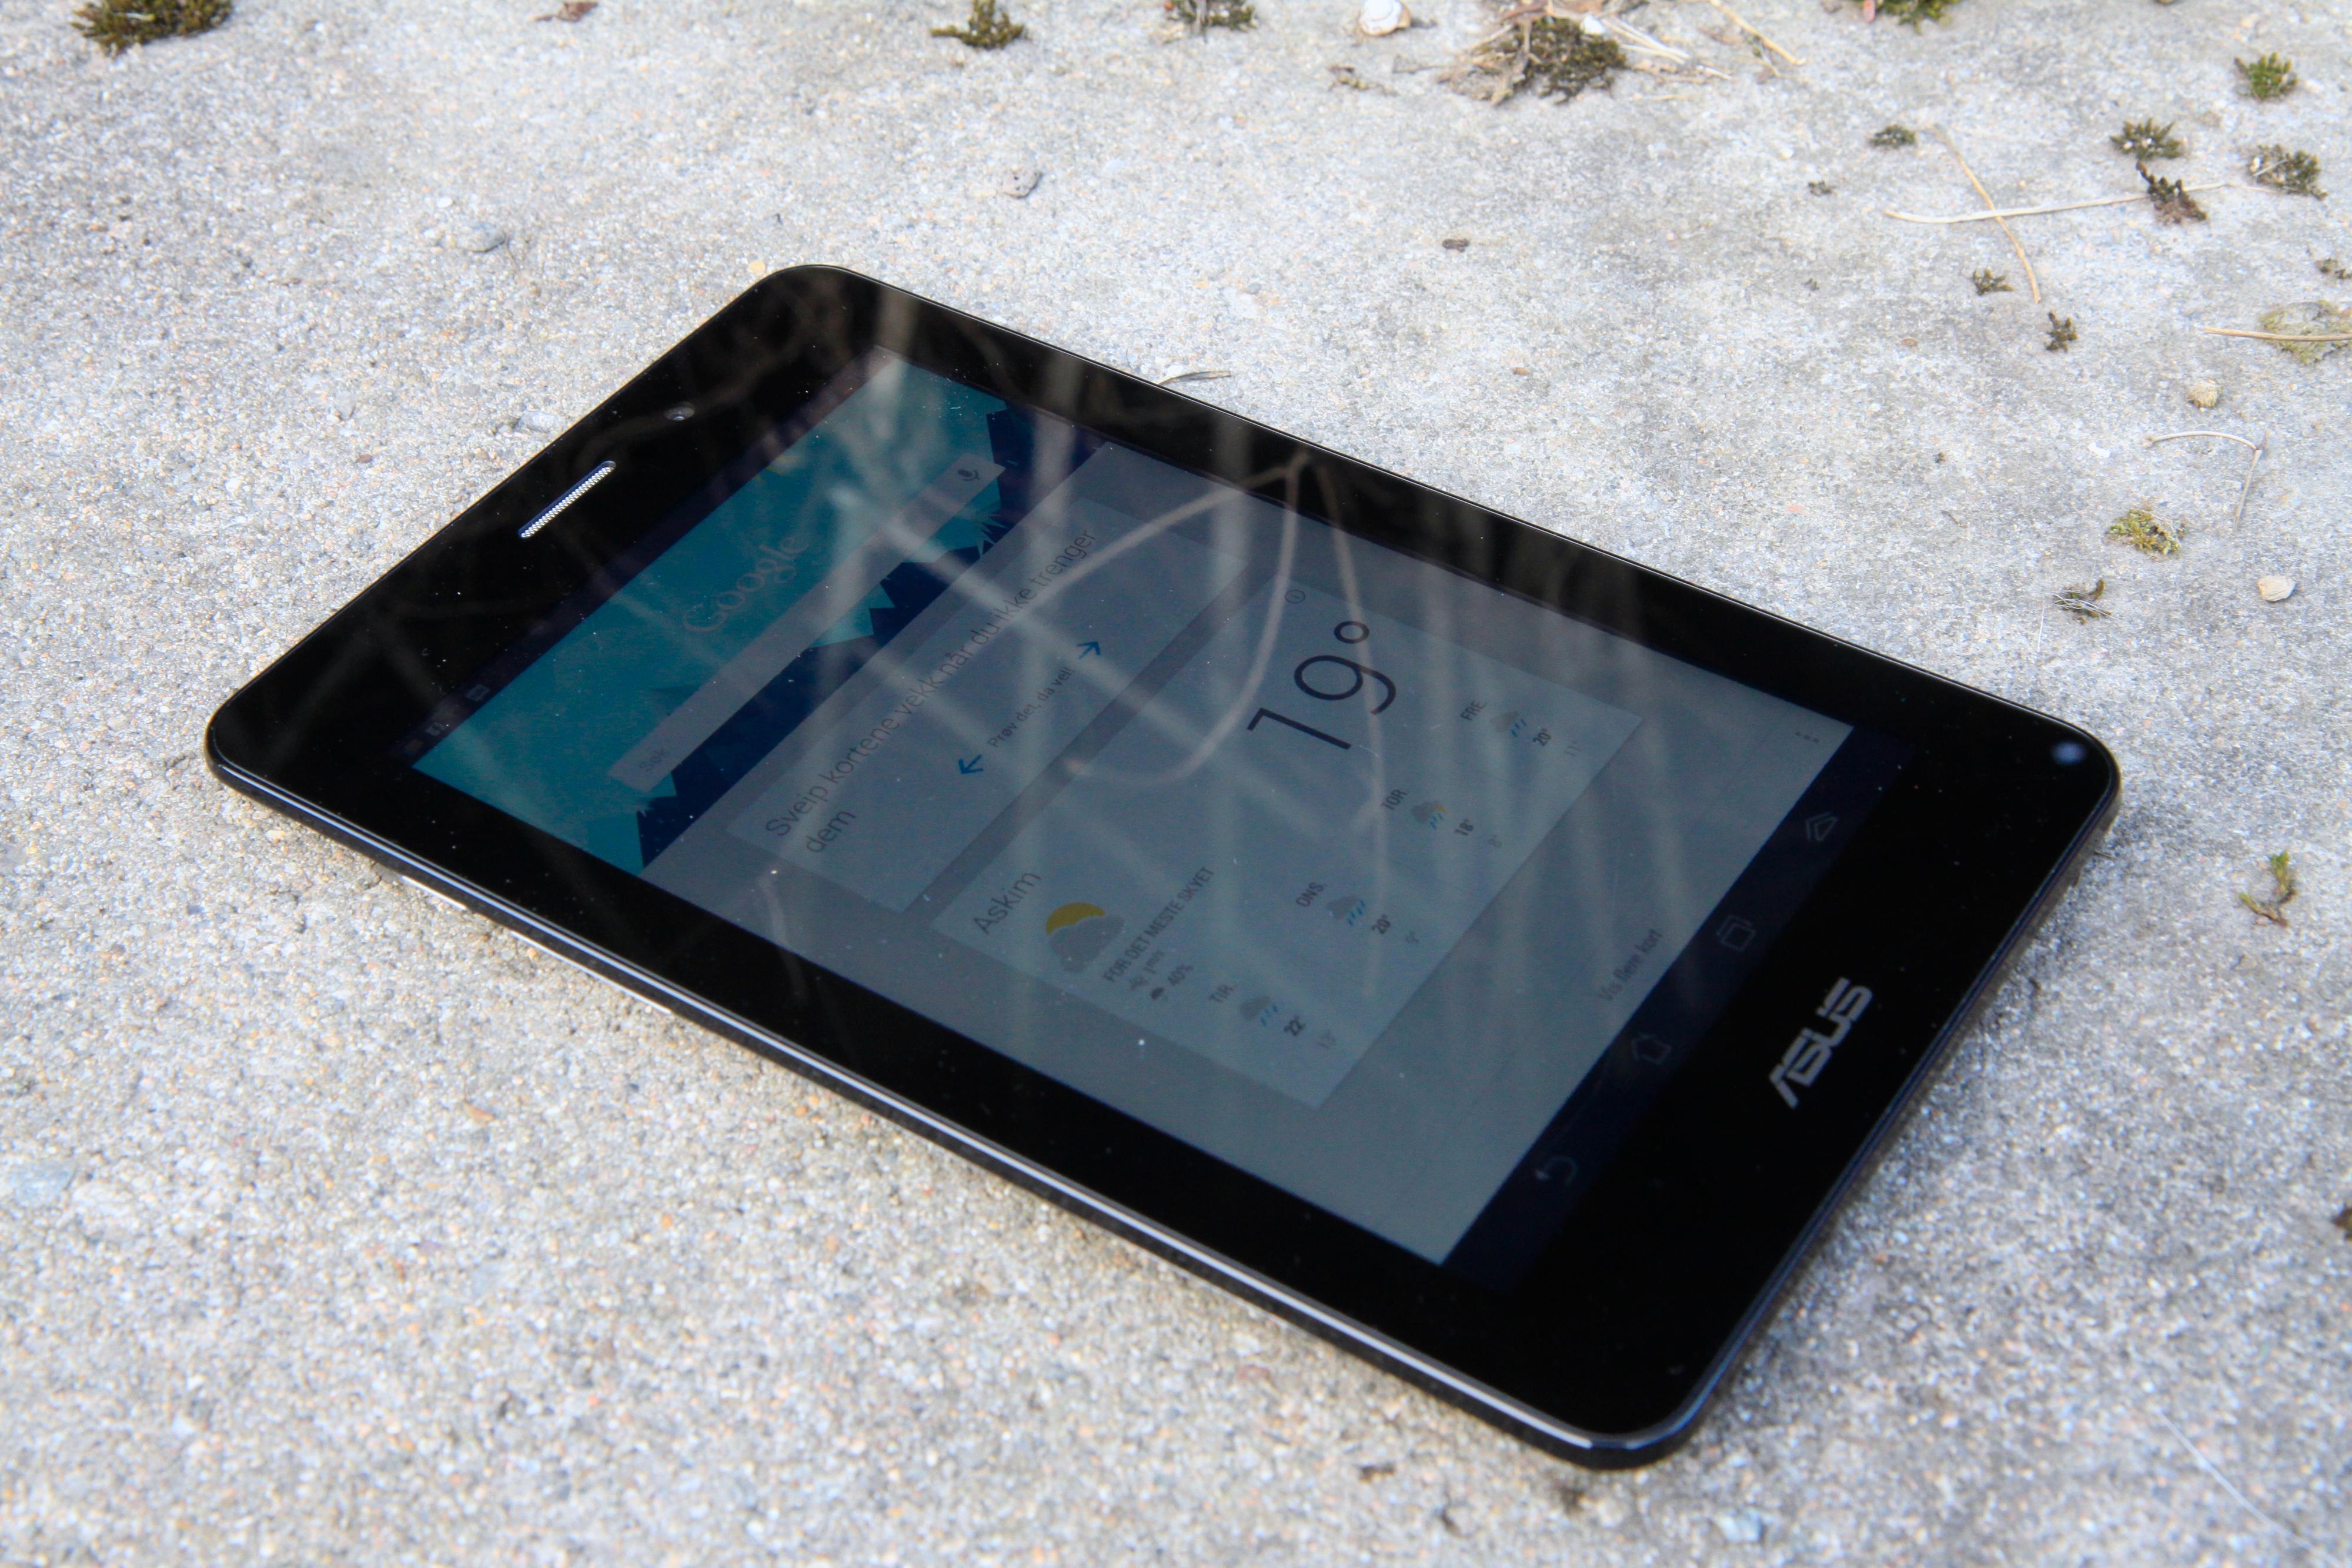 Den sju tommer store skjermen har ok bildekvalitet, men er ikke like god som den på Nexus 7.Foto: Kurt Lekanger, Amobil.no